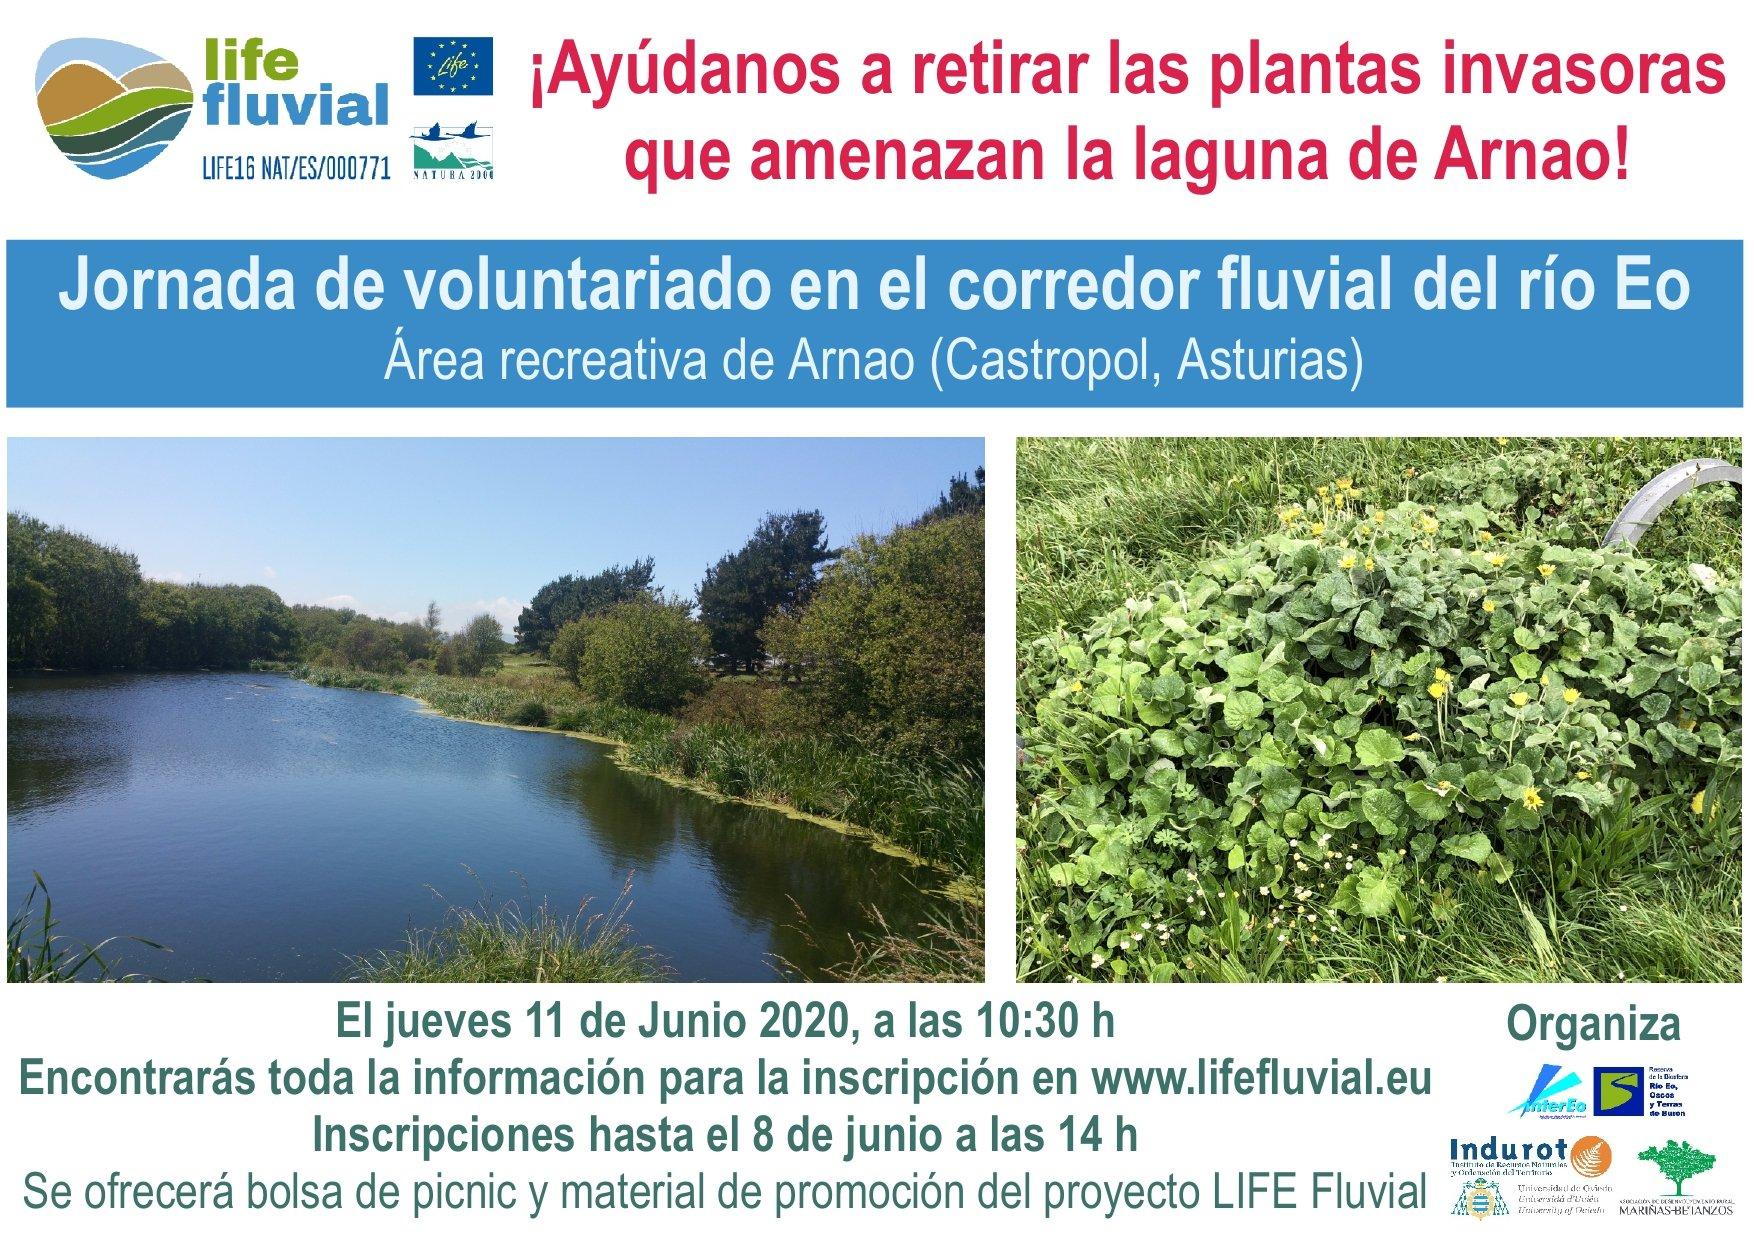 Jornada de Voluntariado Life Fluvial ¡Ayúdanos a Retirar las Plantas Invasoras que Amenazan La Laguna de Arnao!